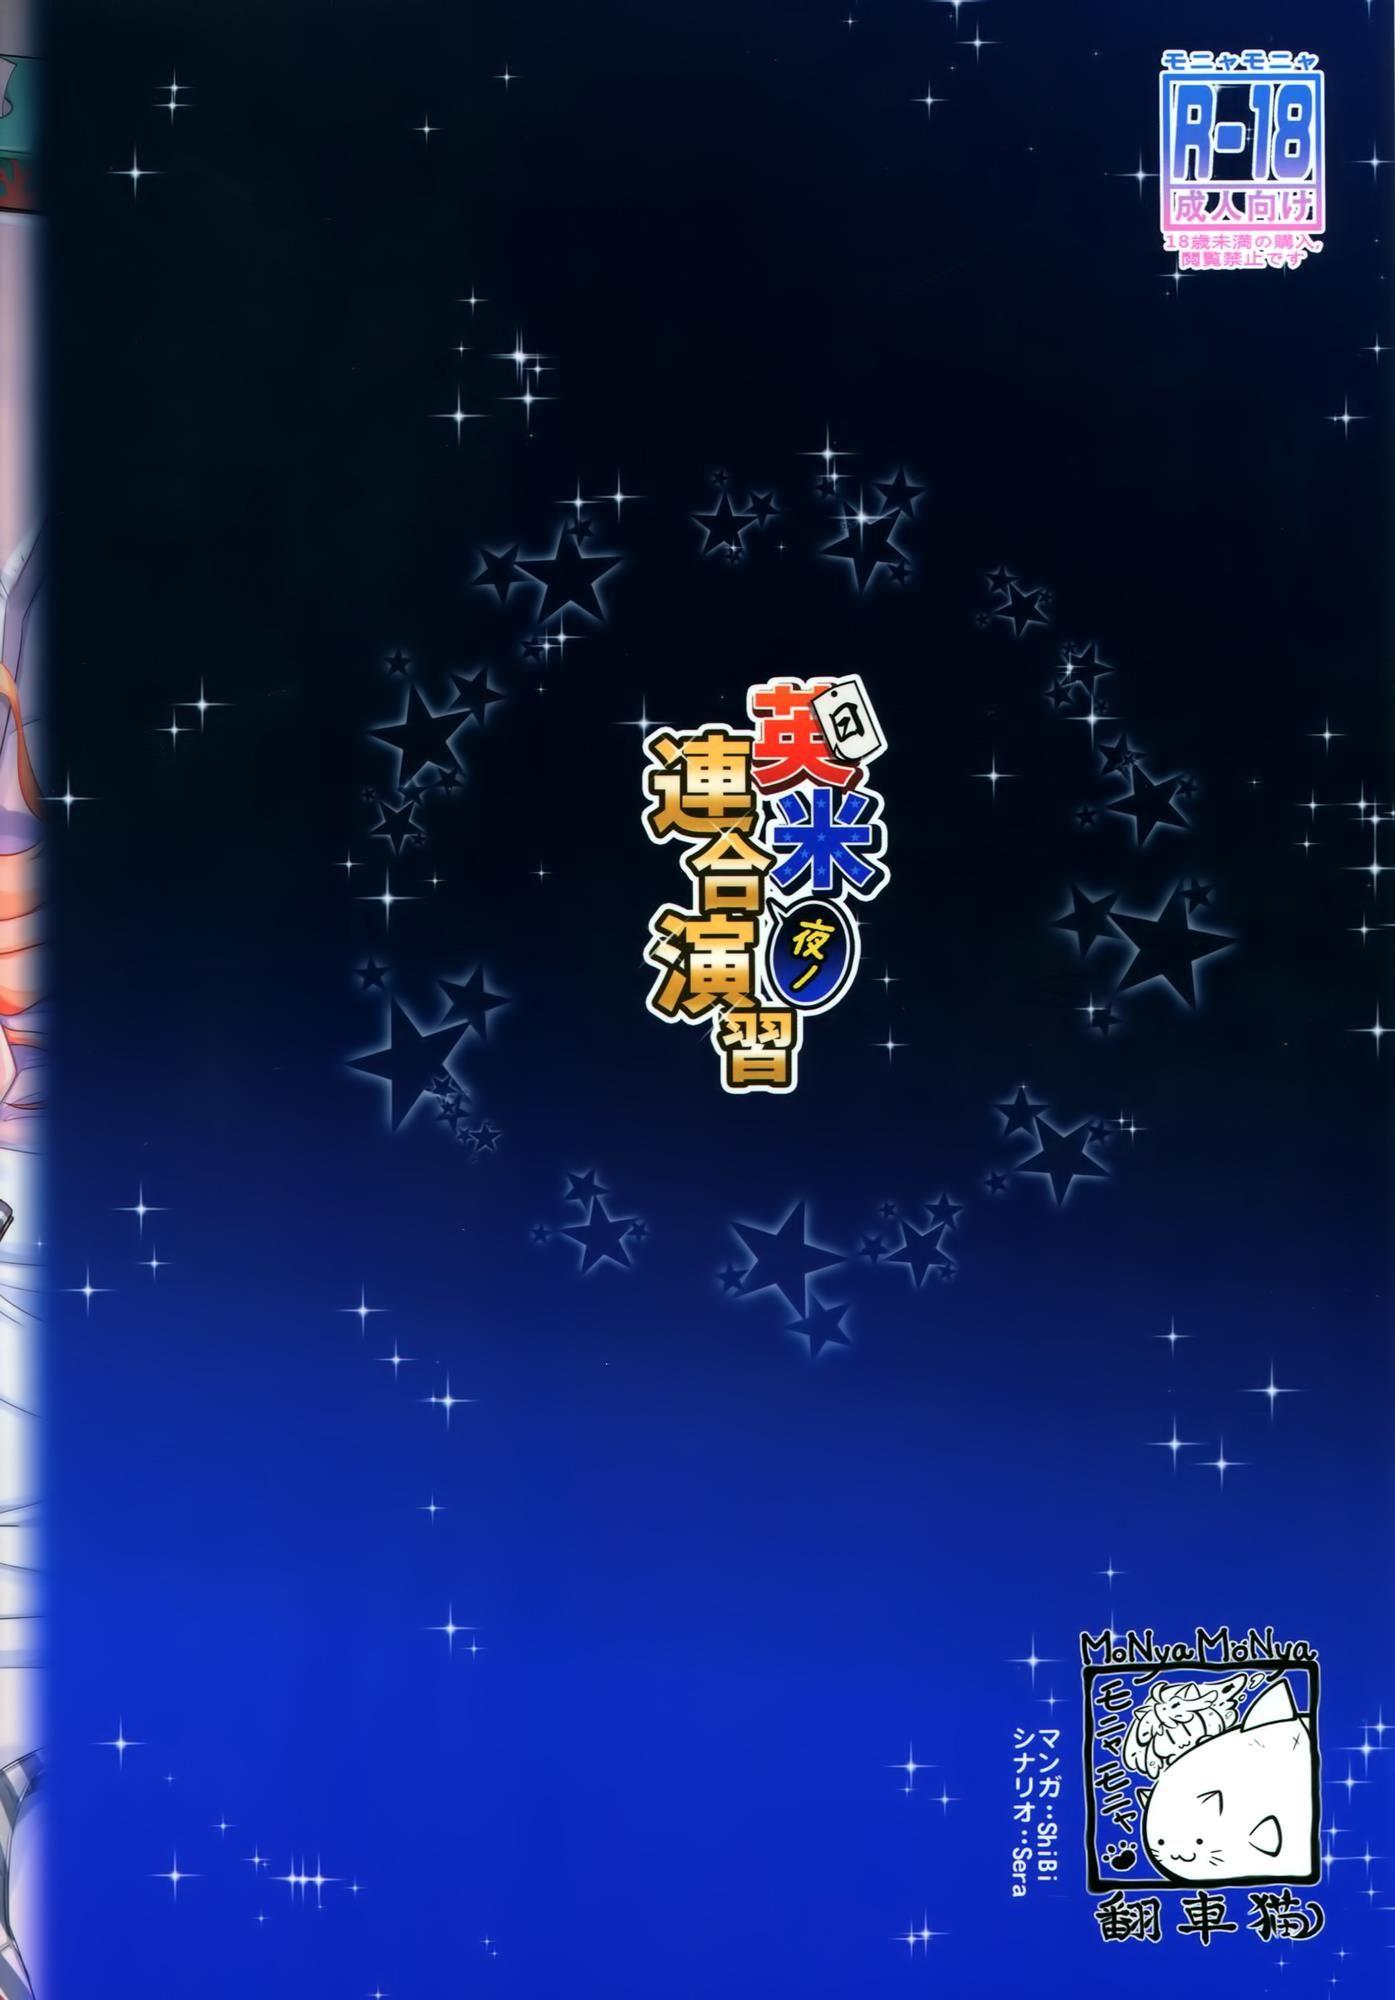 【艦隊これくしょんエロ同人誌】無毛おっきなオッパイな金剛とアイオワが提督のベッドを巡ってエロ勝負www【金剛&アイオワ】